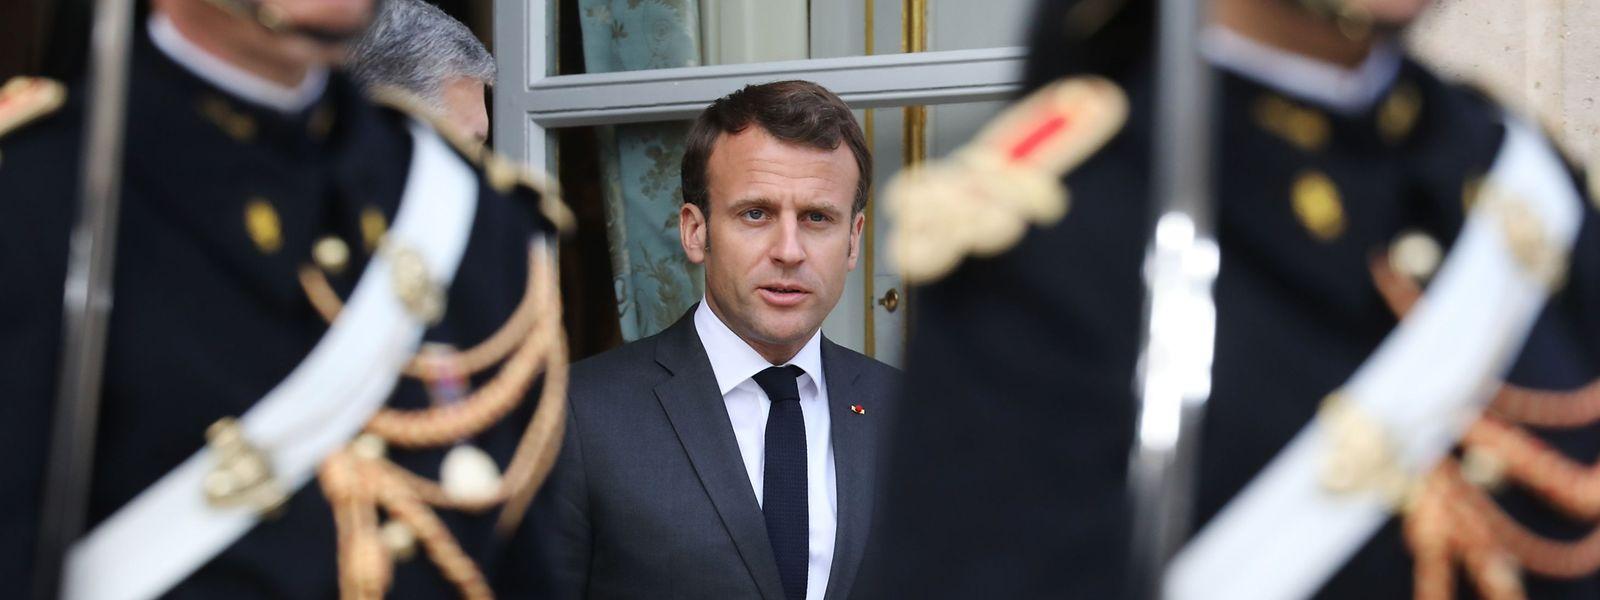 Nach monatelangen Gelbwesten-Protesten wird Emmanuel Macron am Montagabend Zugeständnisse ankündigen.